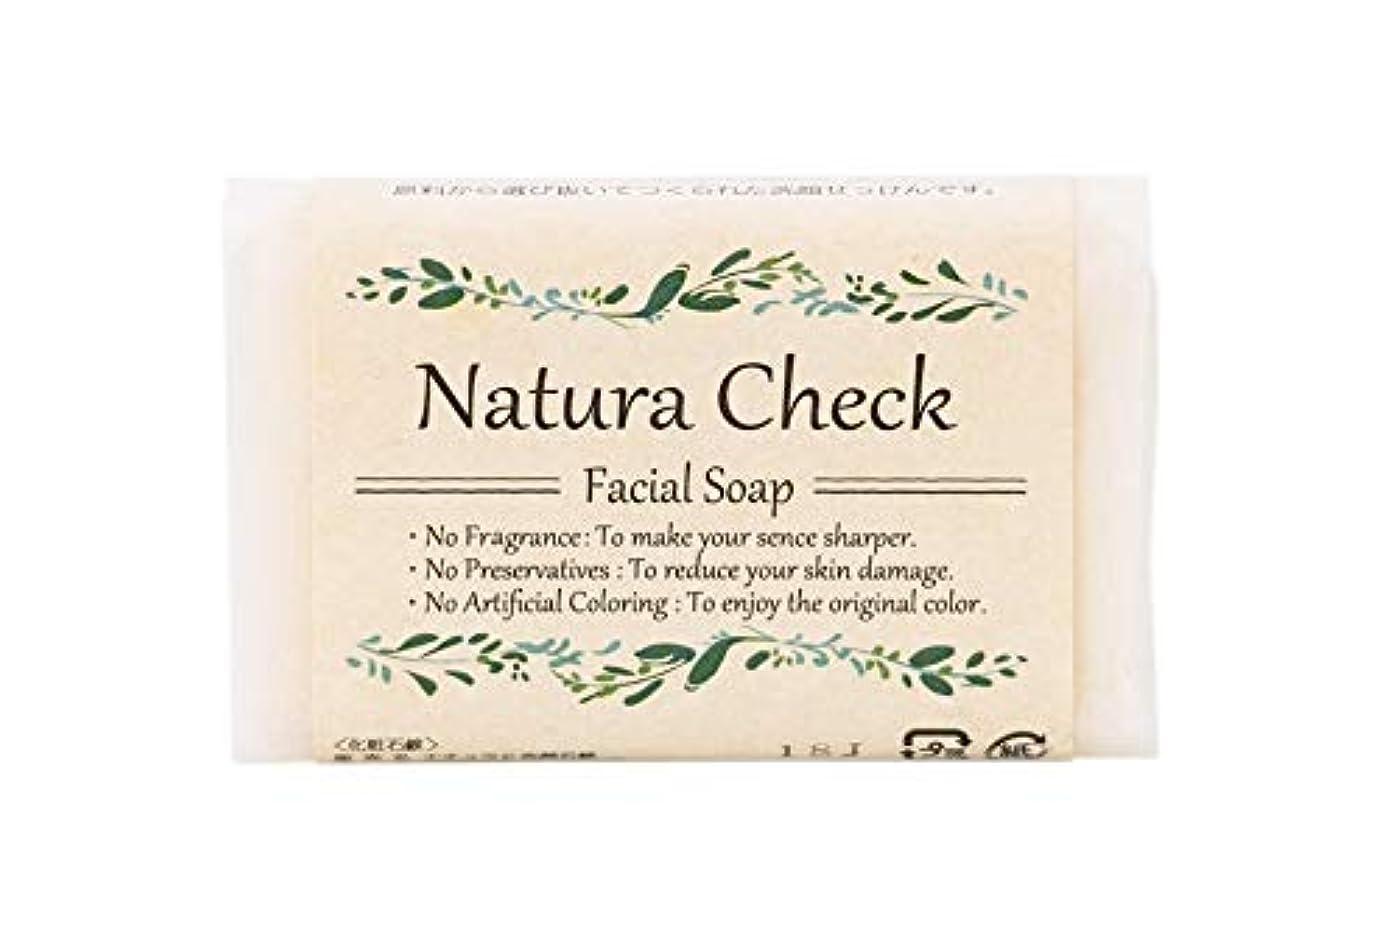 塩複雑なクアッガNatura Check(ナチュラチェック) 無添加洗顔せっけん80g コールドプロセス製法